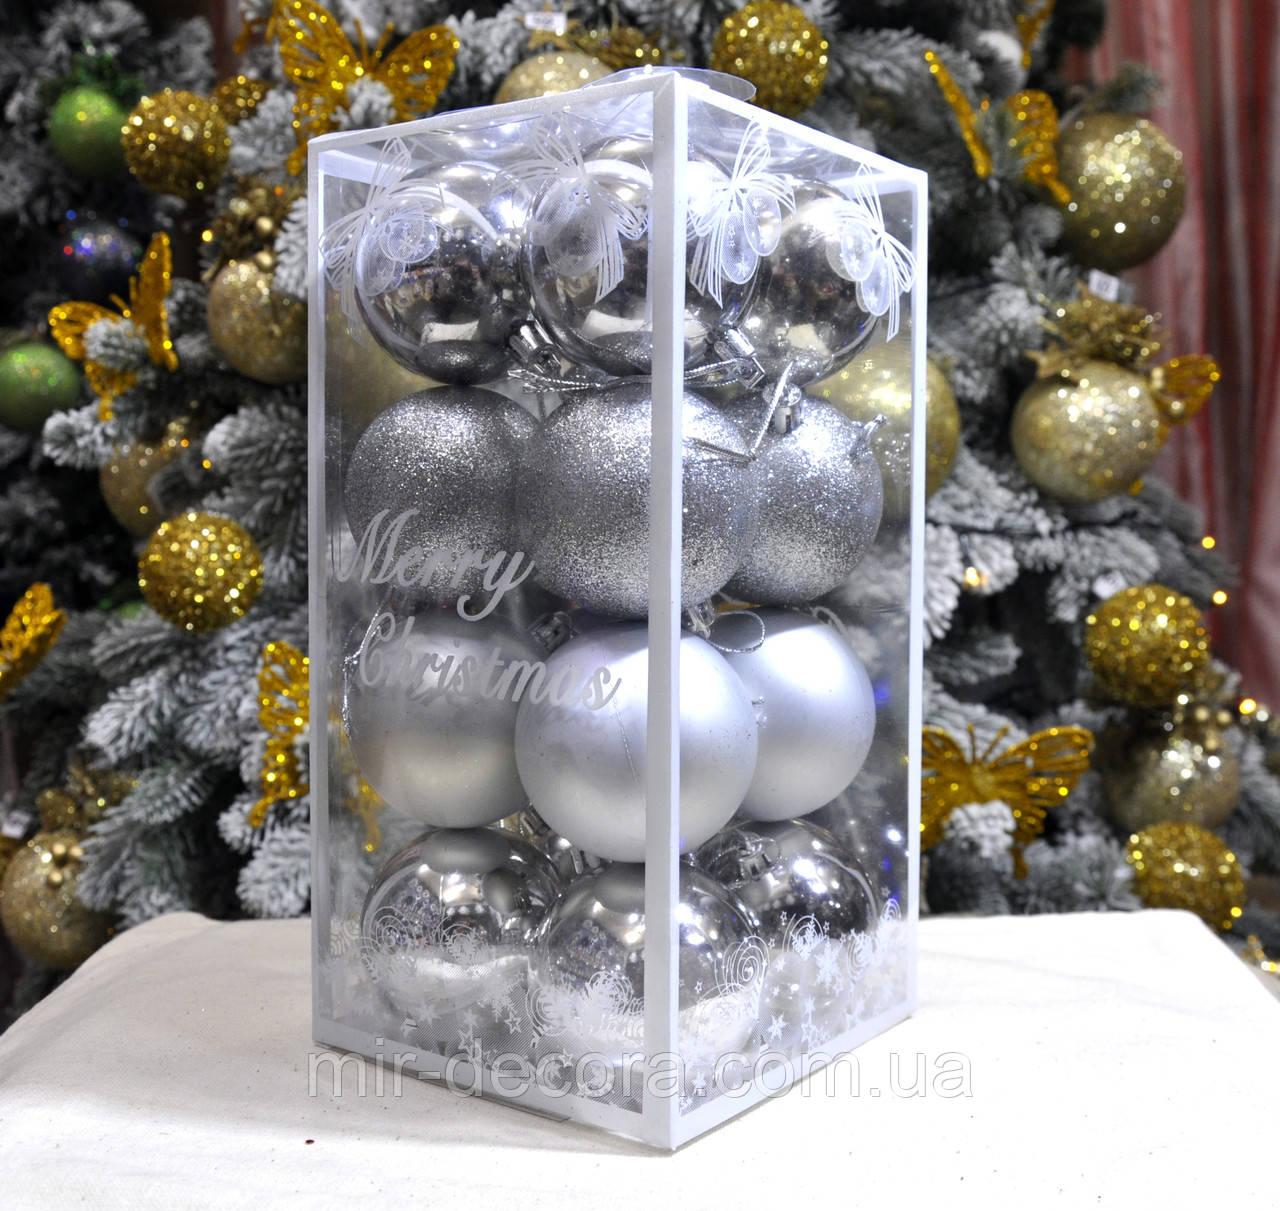 Набор новогодних шаров (пластик) 16 шт, диаметр 60 мм. Цвет серебро.